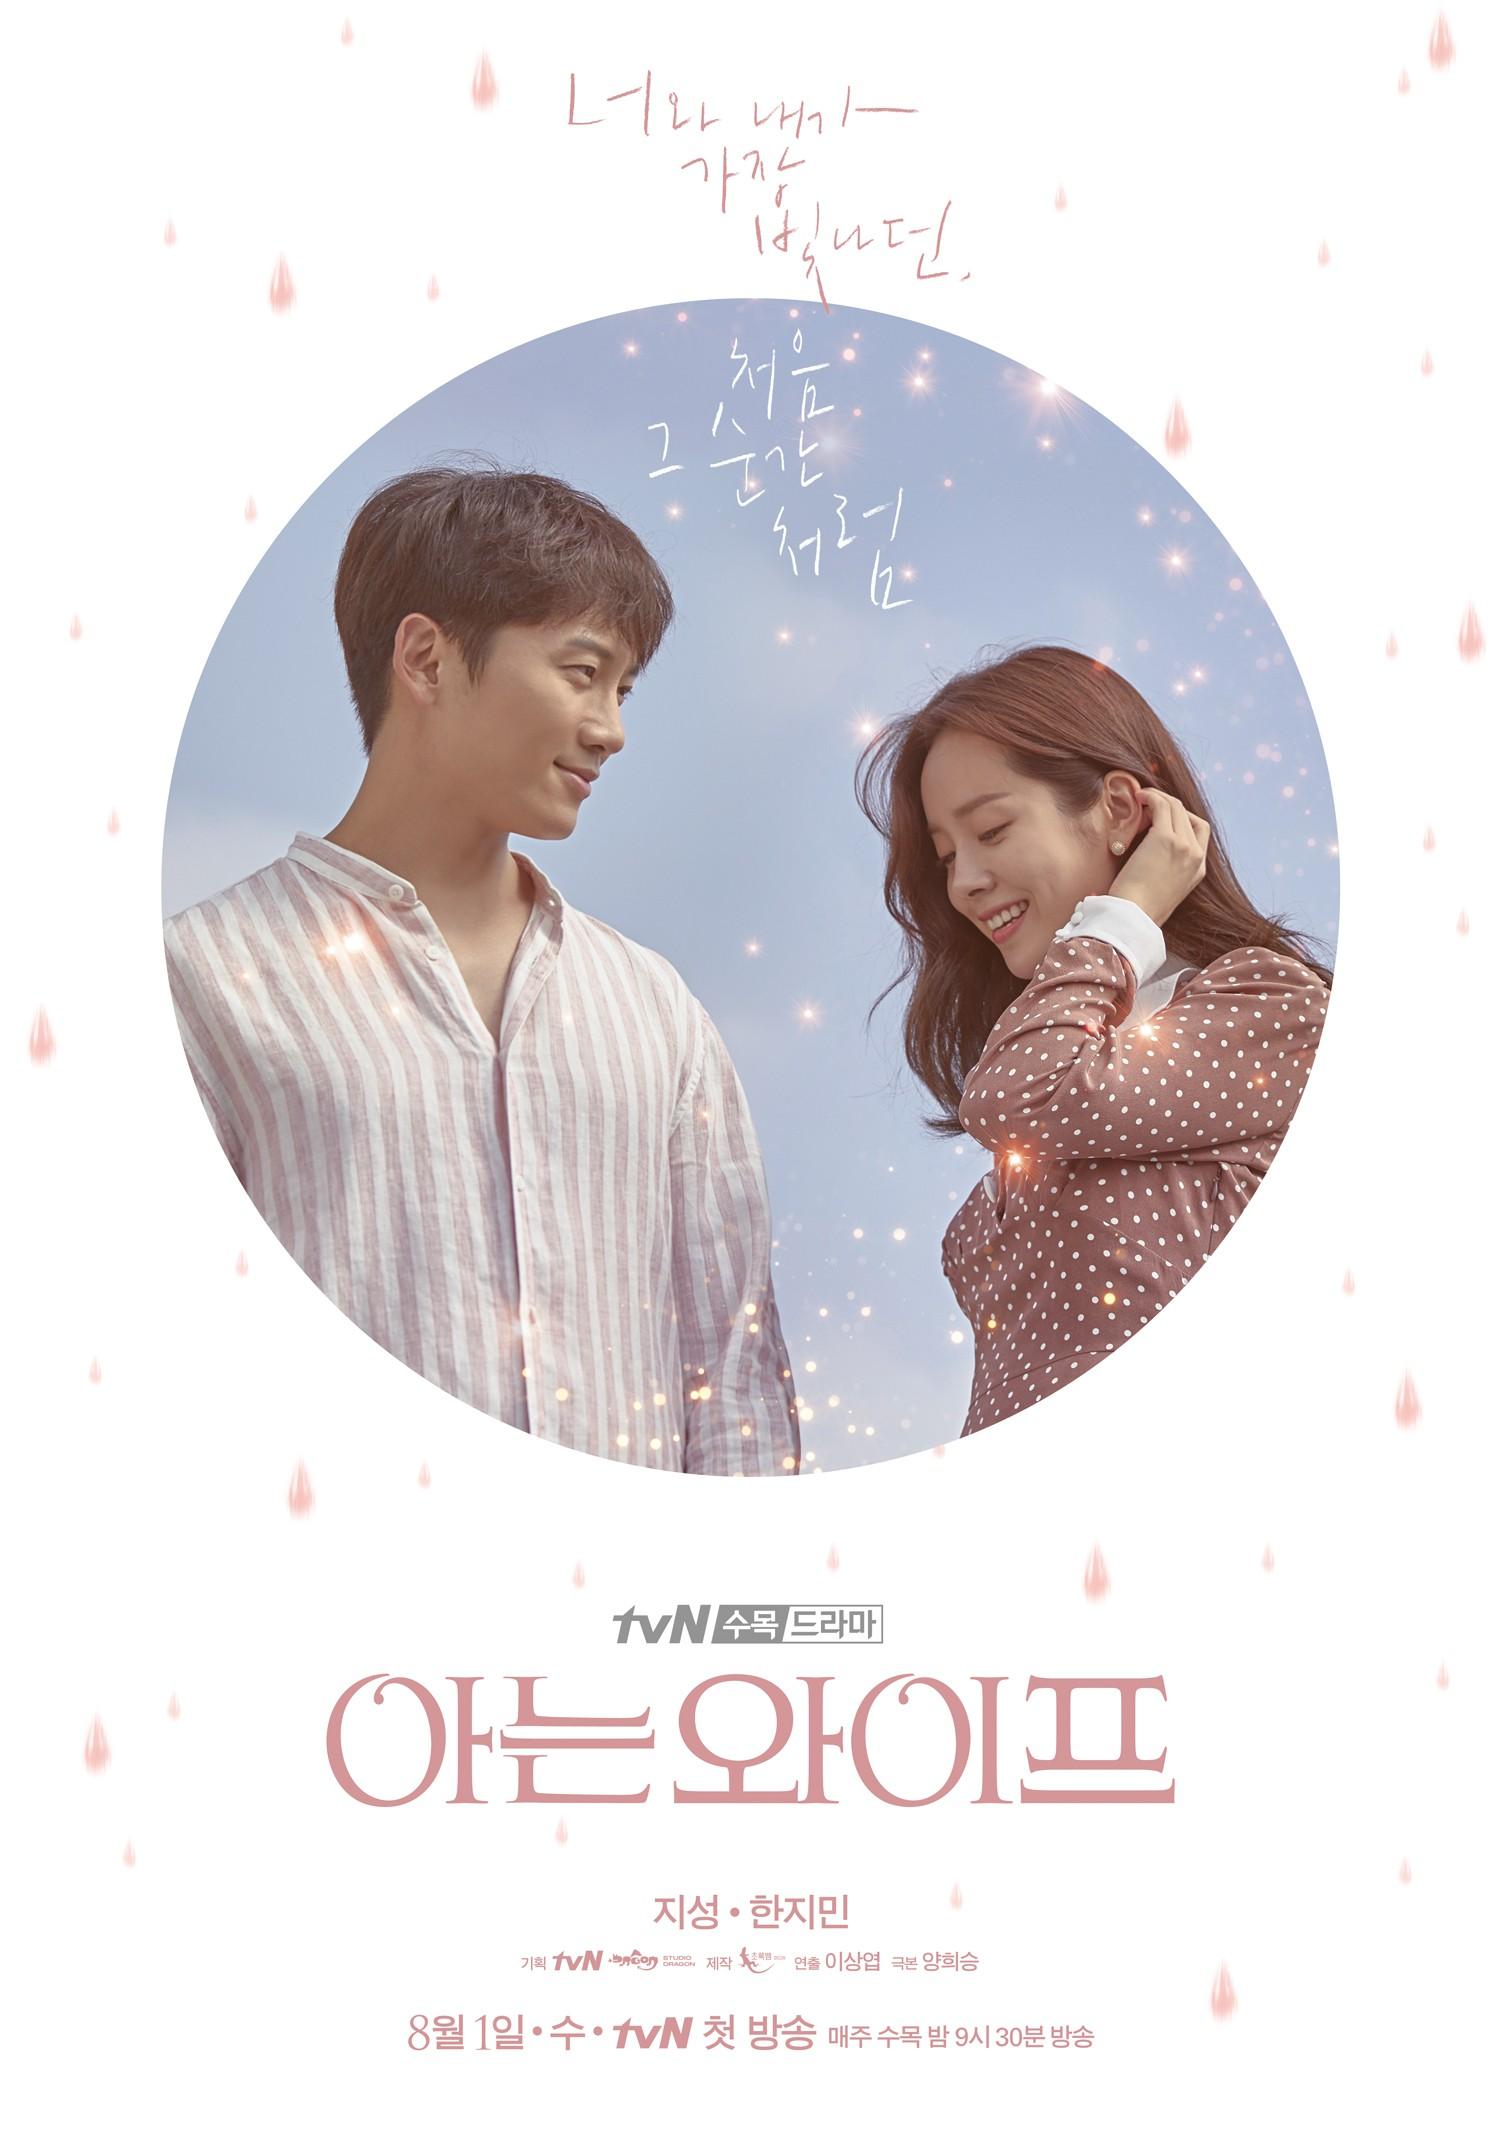 5 phim Hàn đại náo màn ảnh nhỏ tháng 8: Kỳ bí nhất là phim của Song Ji Hyo - Ảnh 2.